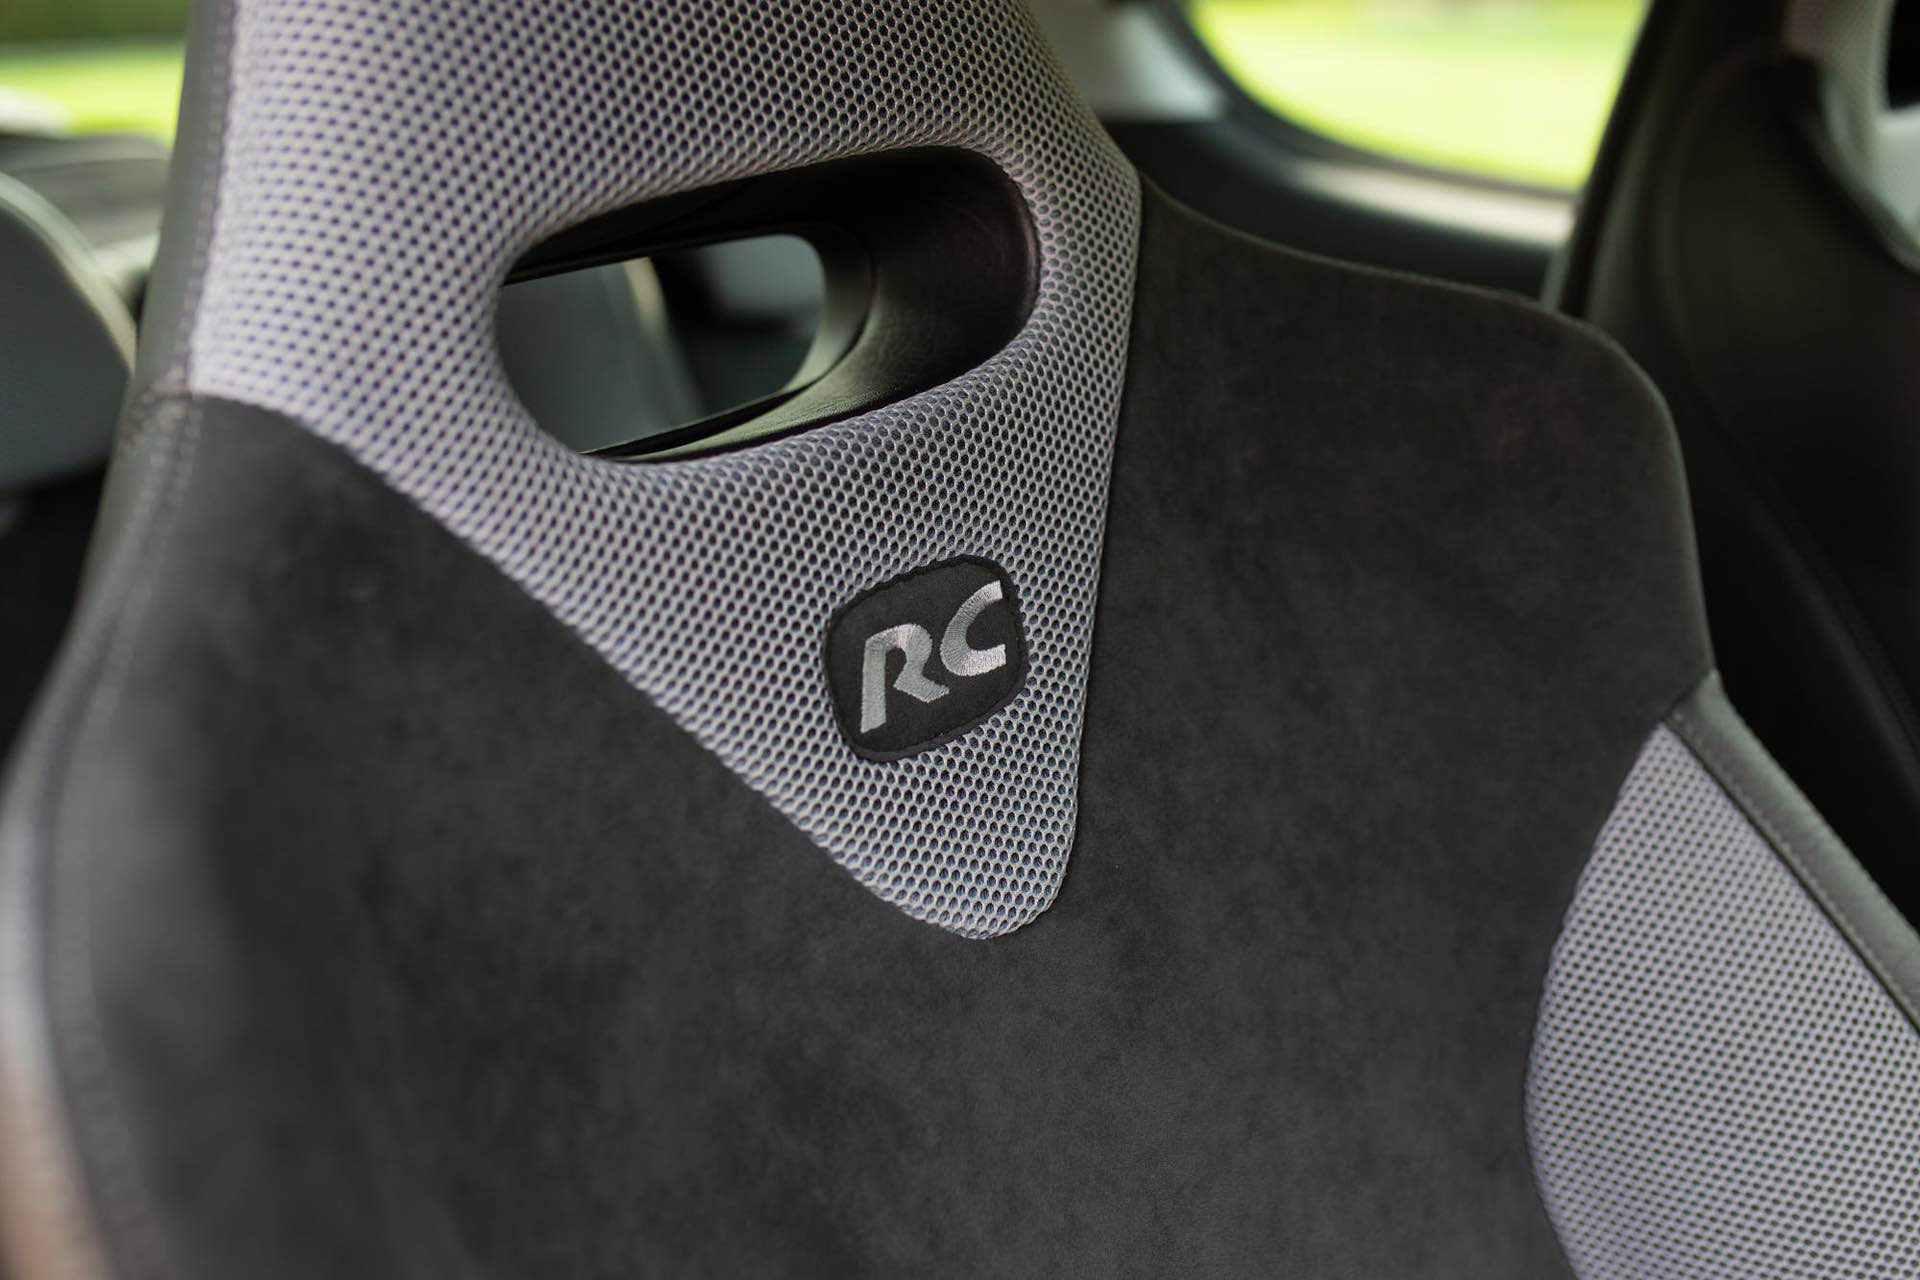 2003_Peugeot_206_RC_sale_0089